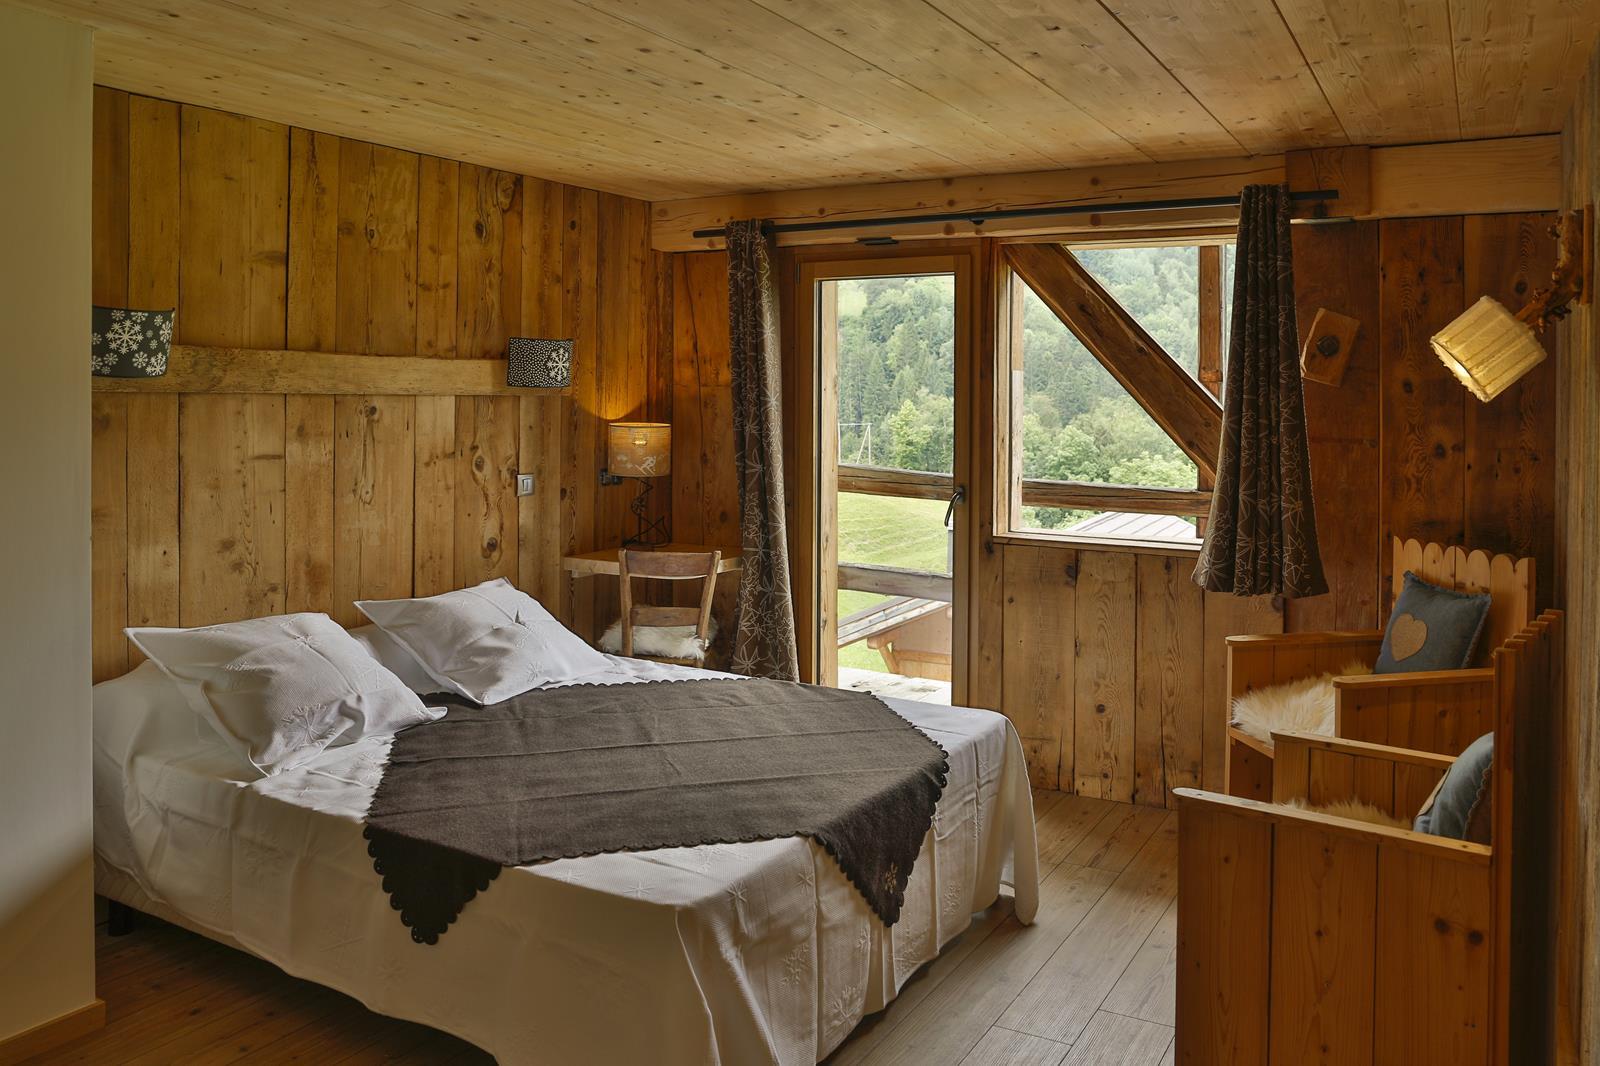 Photos - Belles Chambres En Savoie Mont Blanc - Savoie concernant Chambre D Hote Merlimont